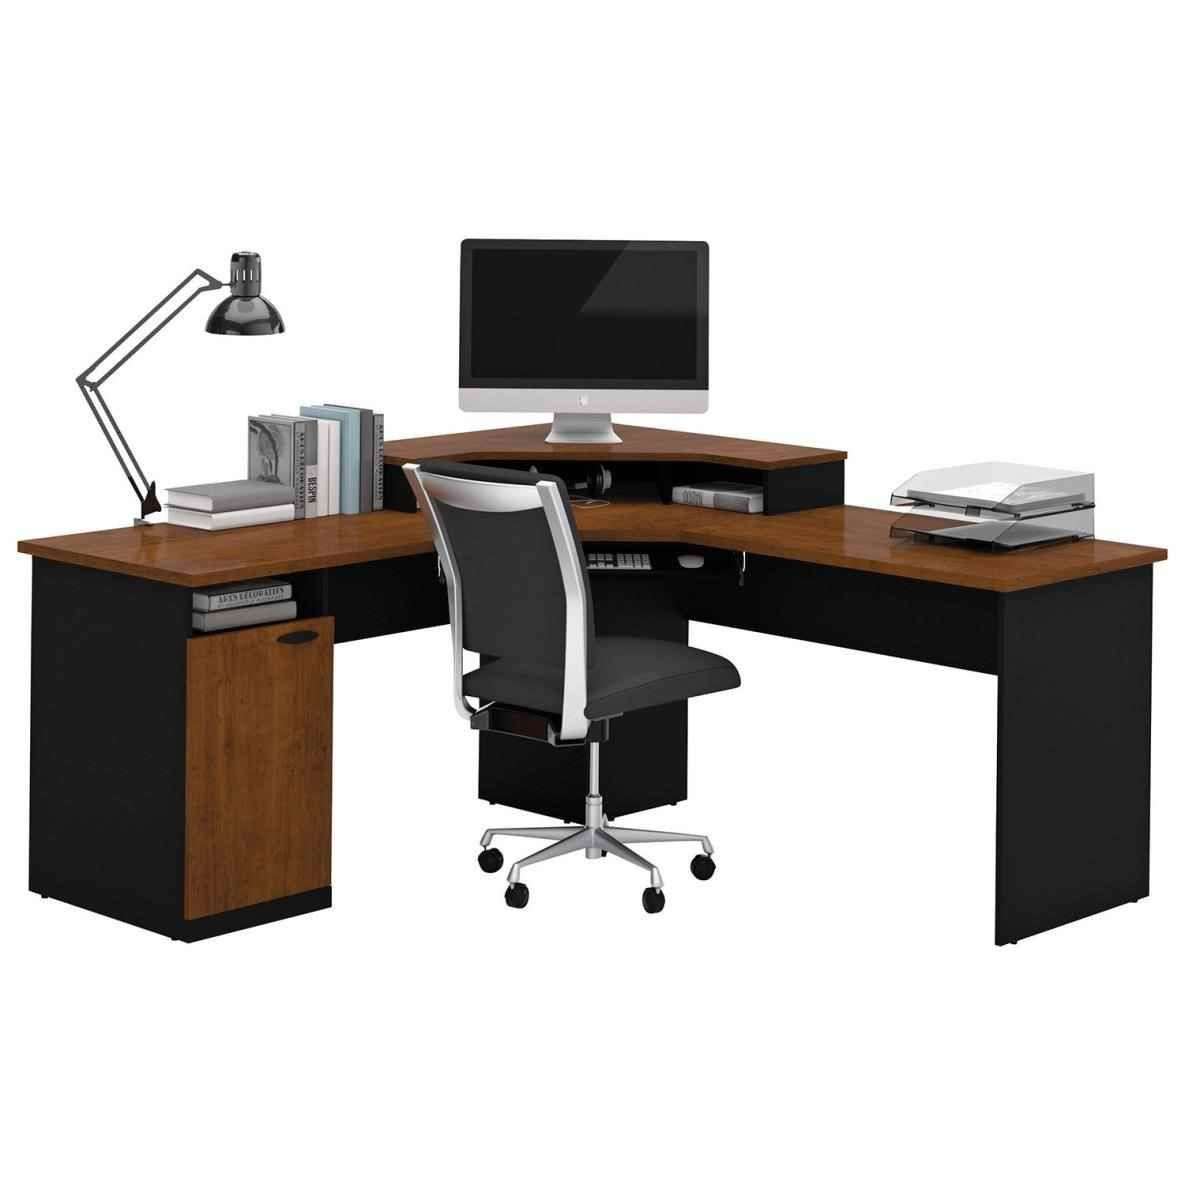 99+ Corner Desk Costco - Rustic Home Office Furniture Check more at ...